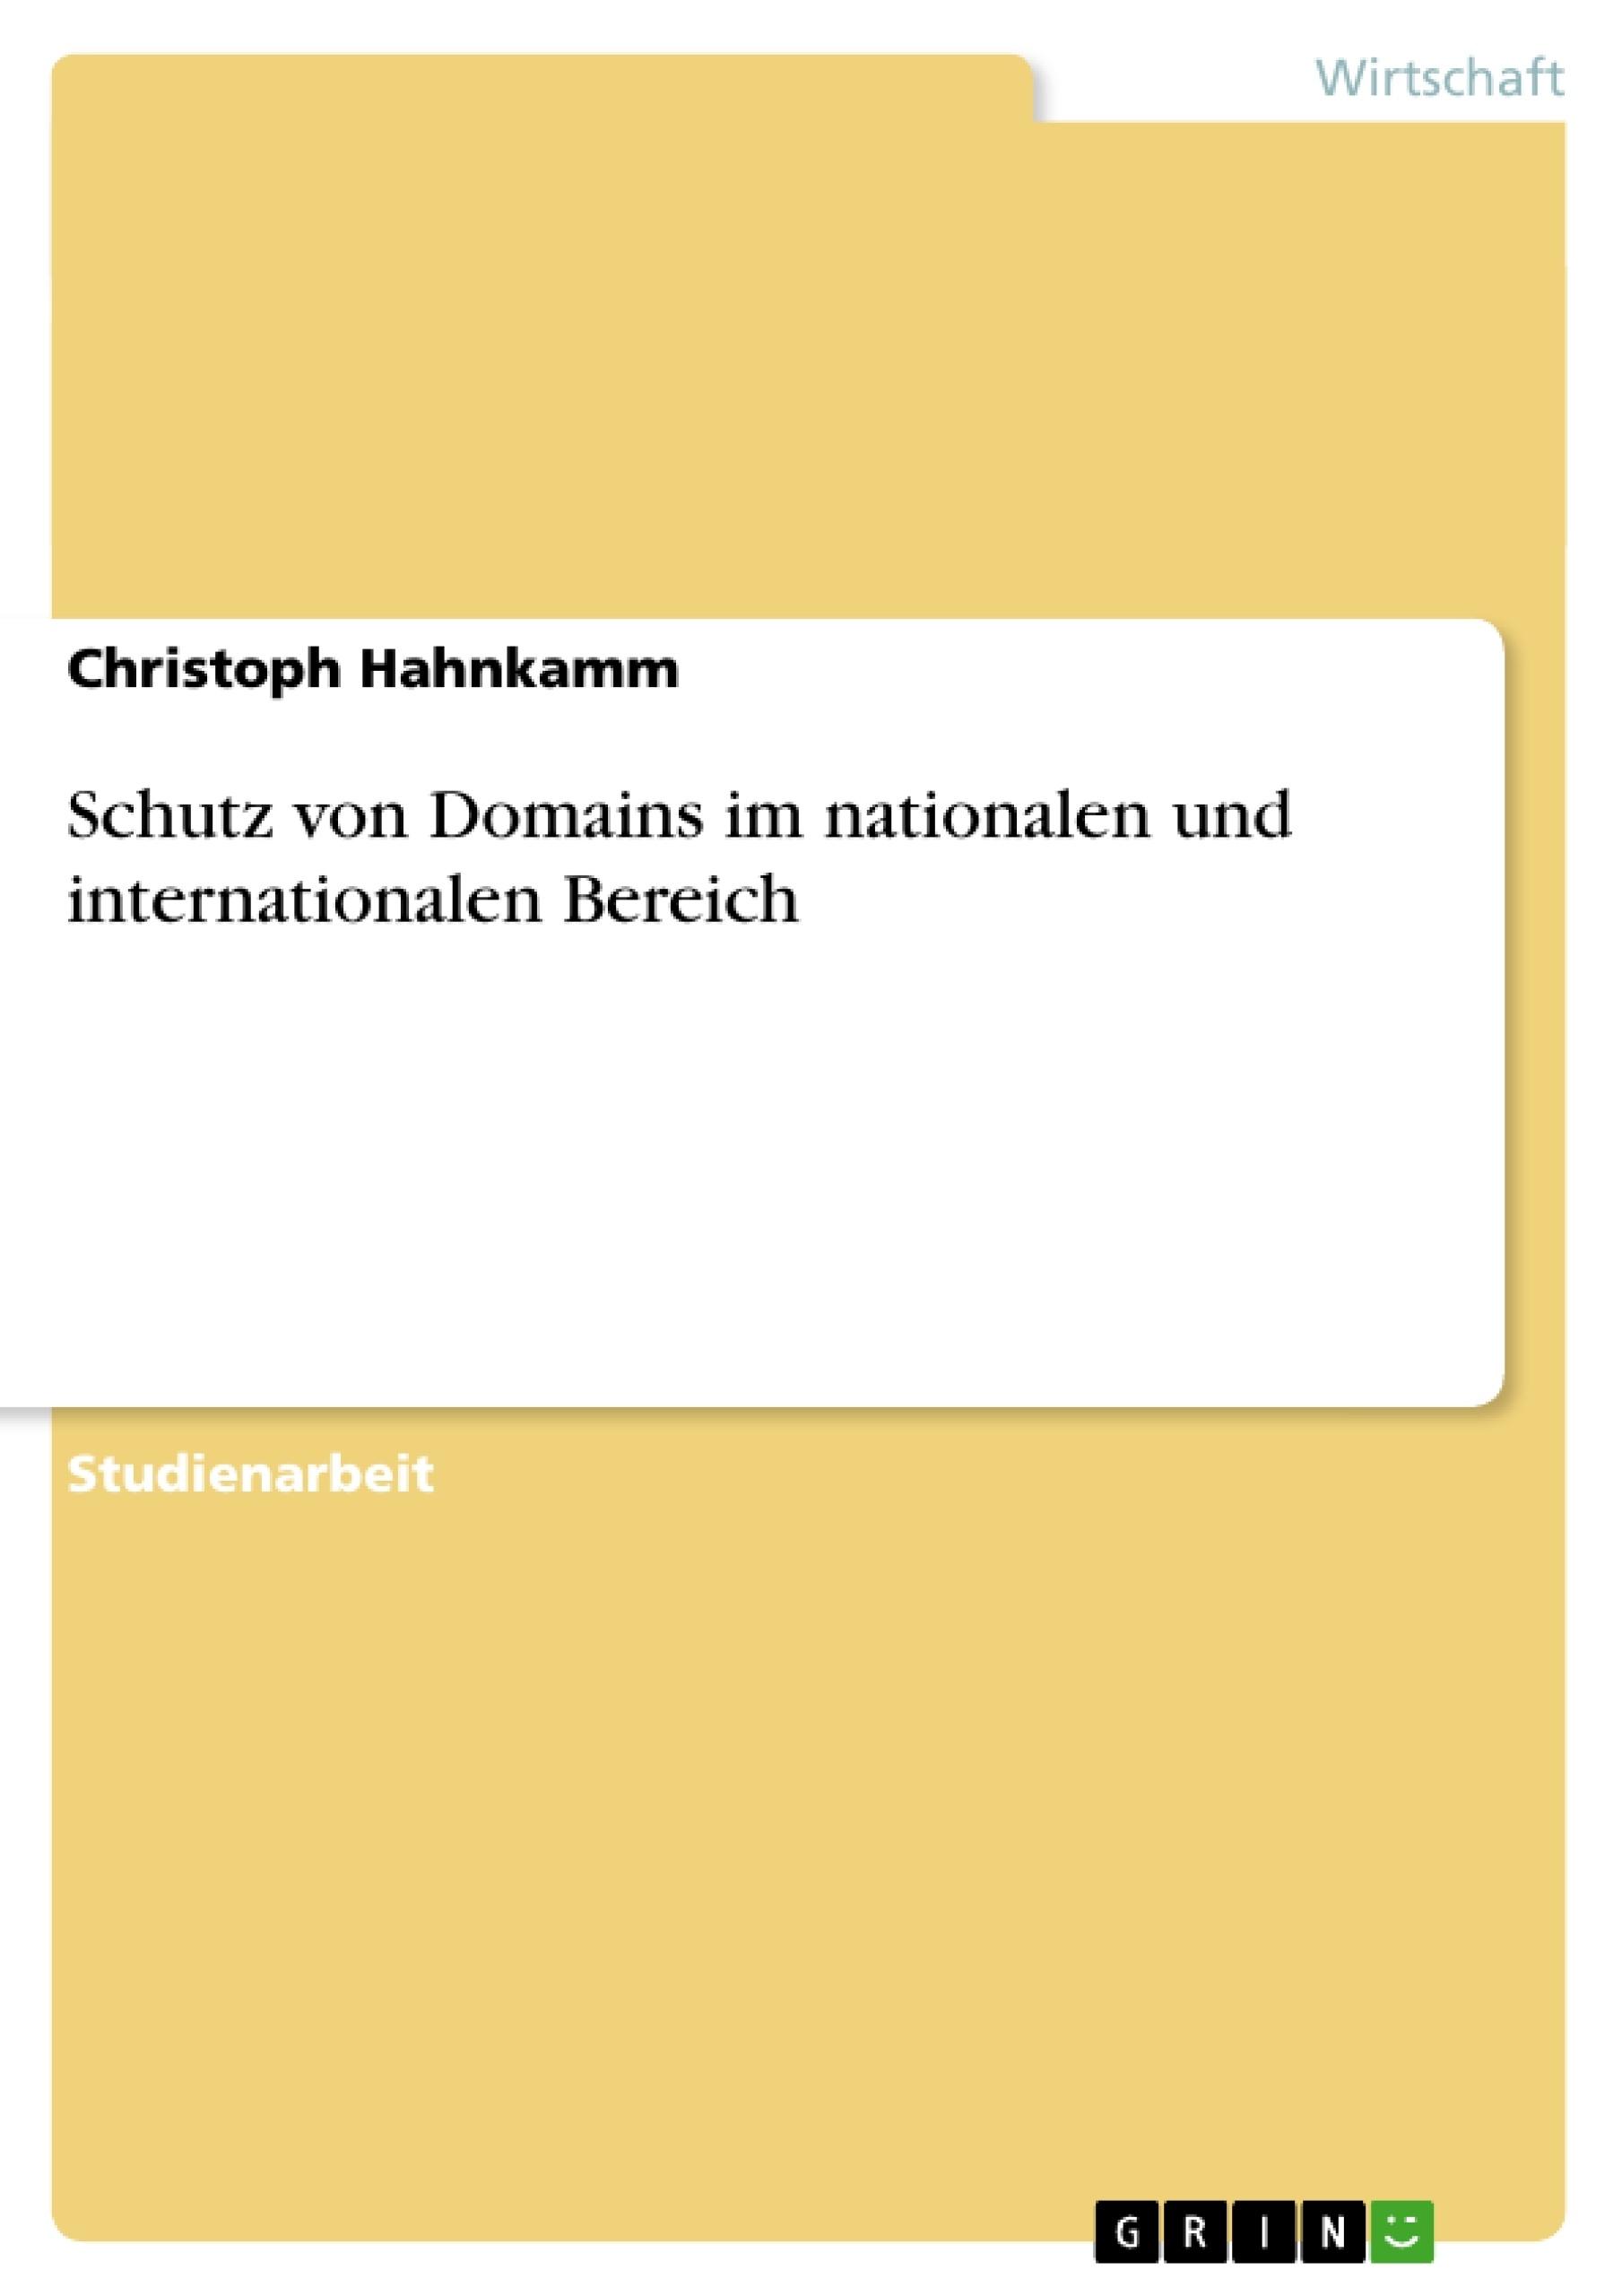 Titel: Schutz von Domains im nationalen und internationalen Bereich